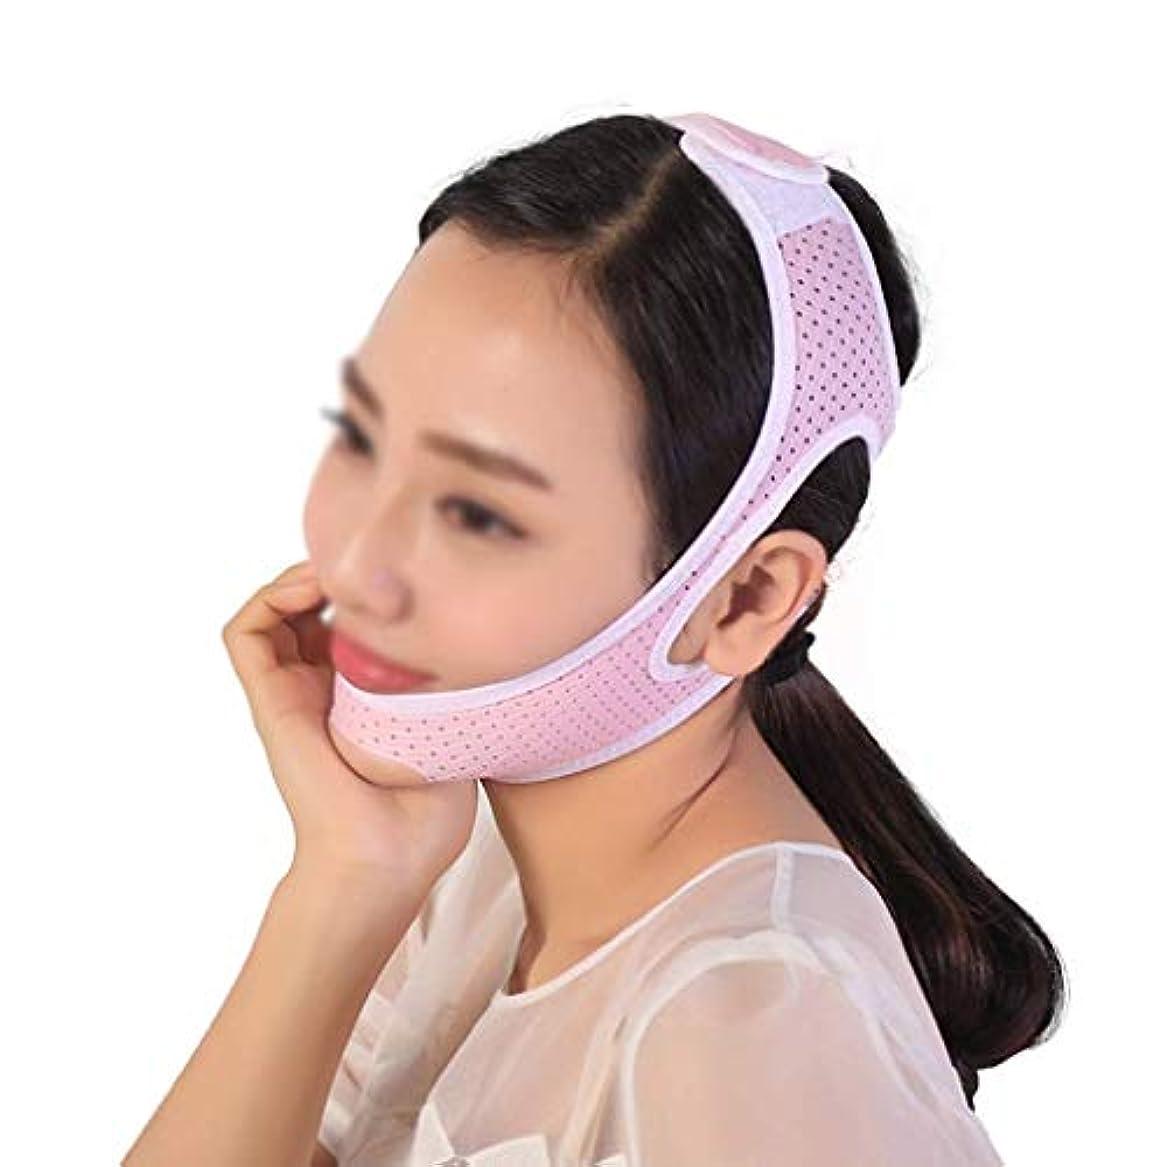 ペレグリネーションベーシック請願者フェイスリフトマスク、顔の皮膚の首のあごのラインを改善、リフトフェイス、細い頬マスク、細いチンチーク細いV(ピンク)(サイズ:M),L